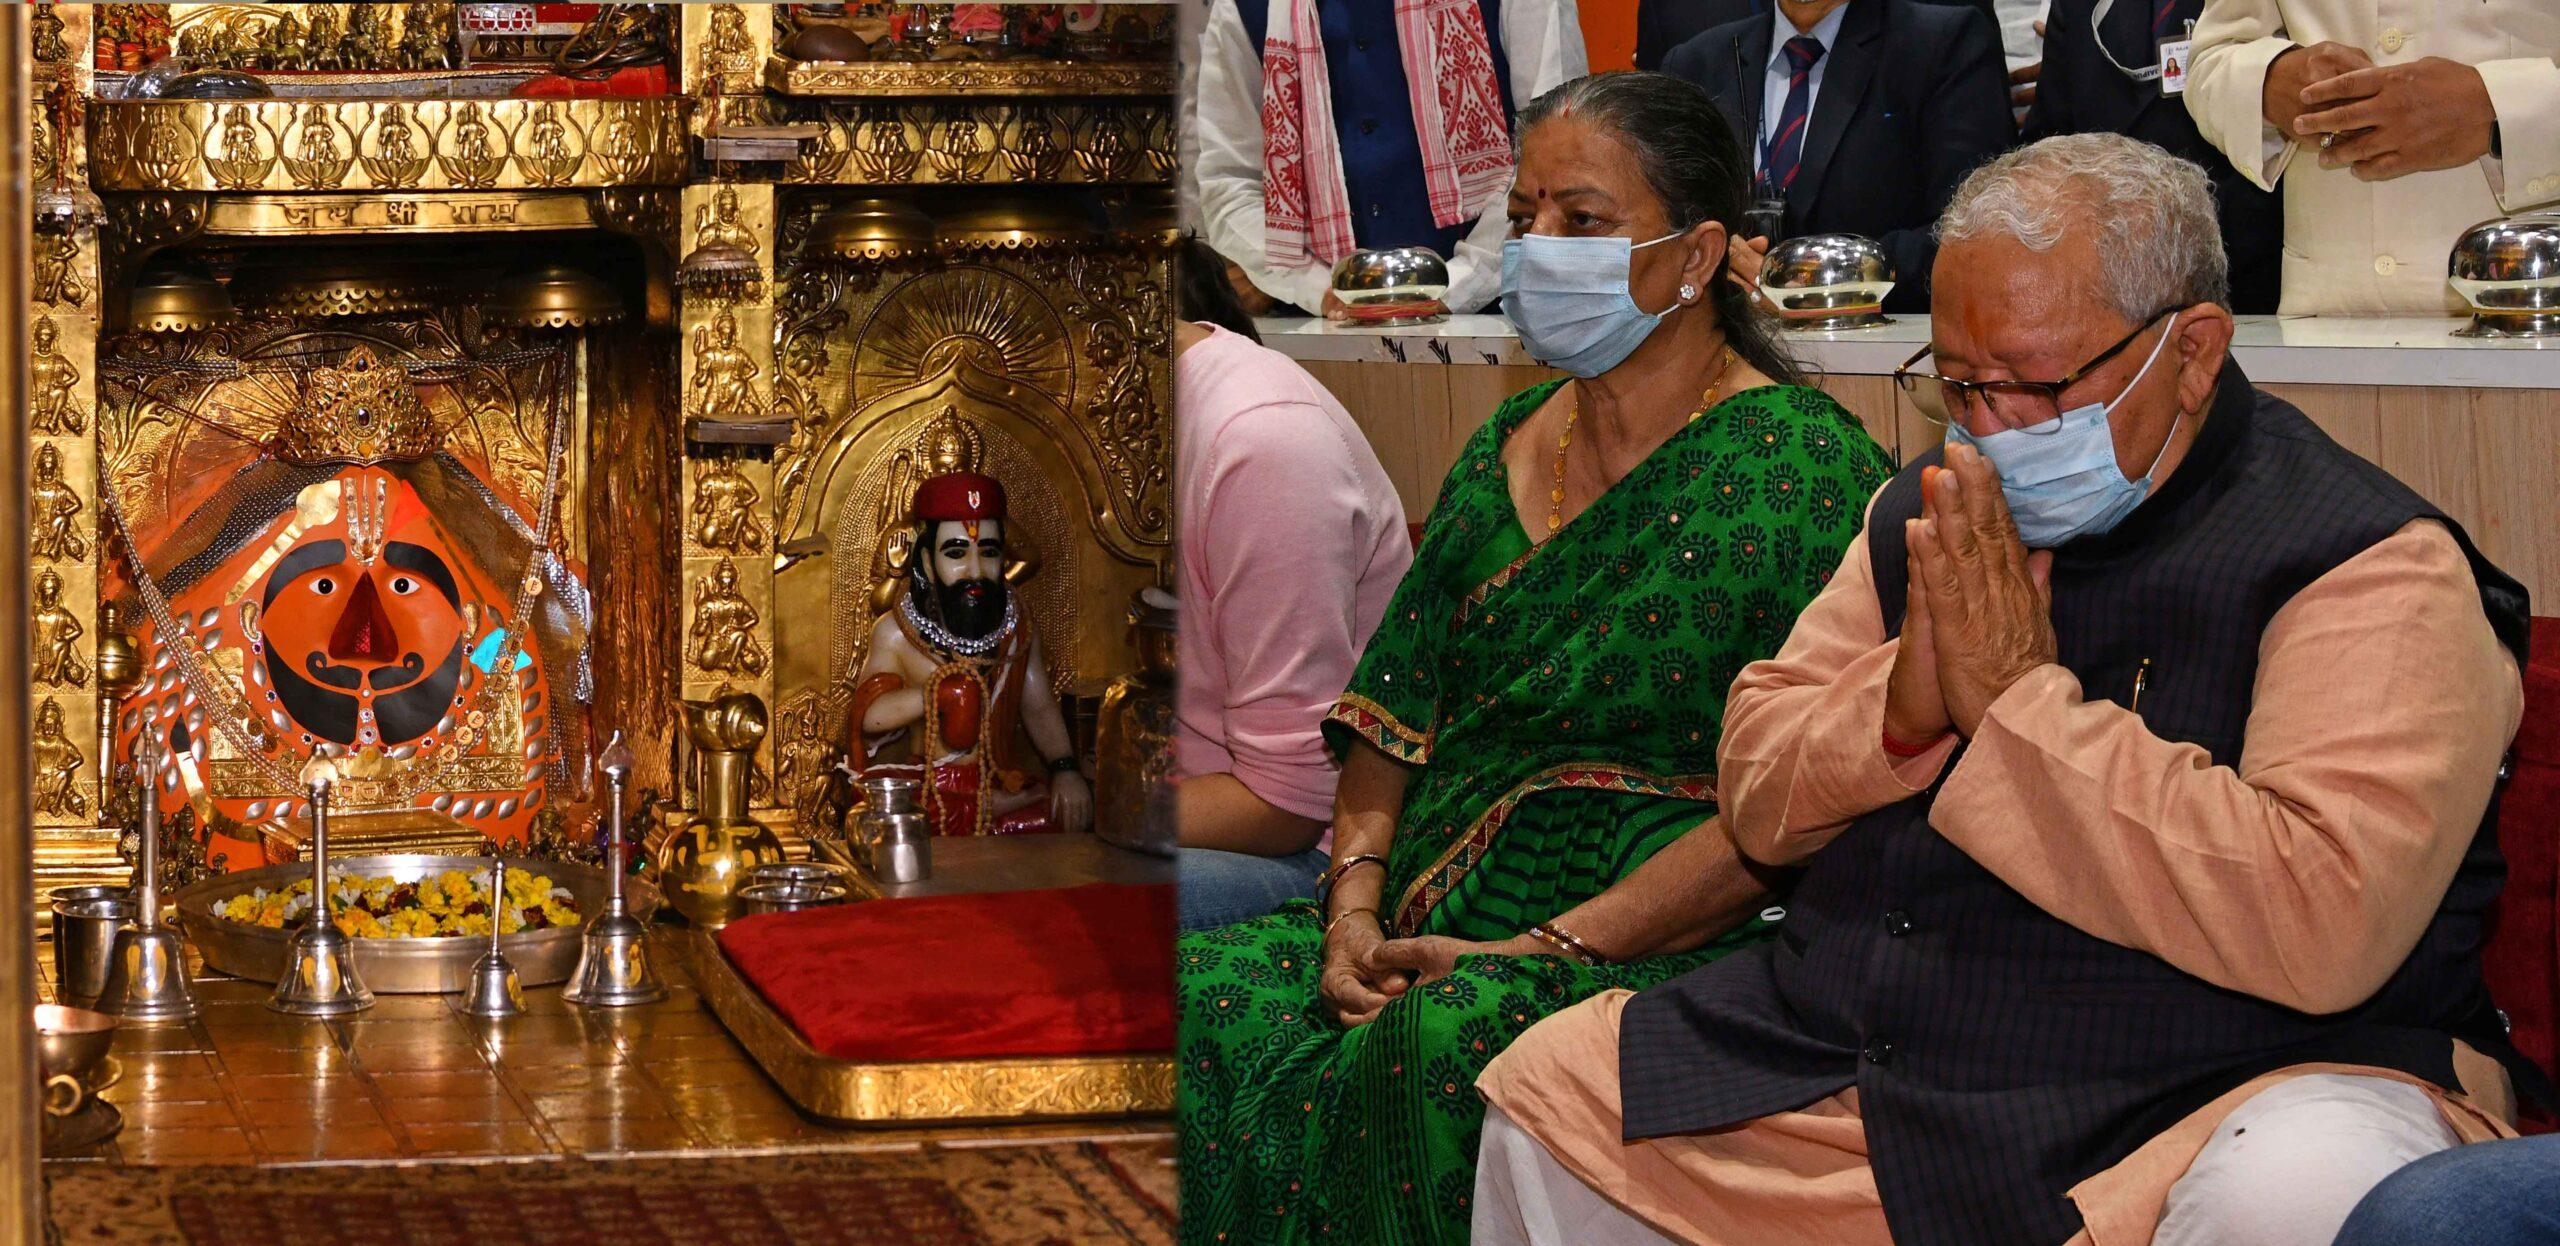 राज्यपाल श्री मिश्र ने सालासर बालाजी मंदिर में दर्शन कर पूजा अर्चना की